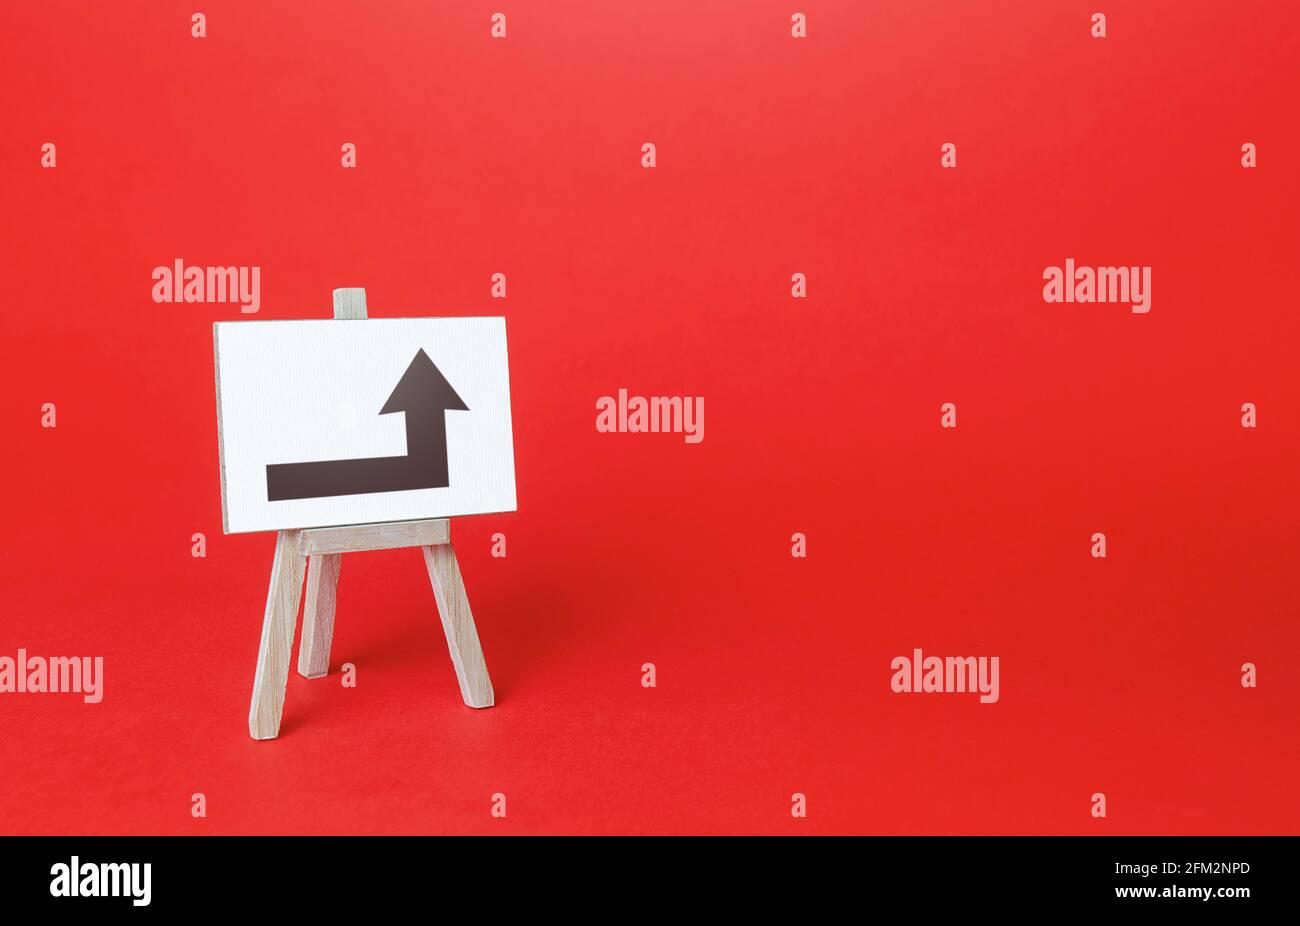 Staffelei mit einem Pfeil nach rechts. Minimalismus. Richtung, um auf der linken Seite zu gehen. Werbung. Hindernisse verdunkeln, zum Ziel bewegen. Neue Regeln. Kopieren Stockfoto